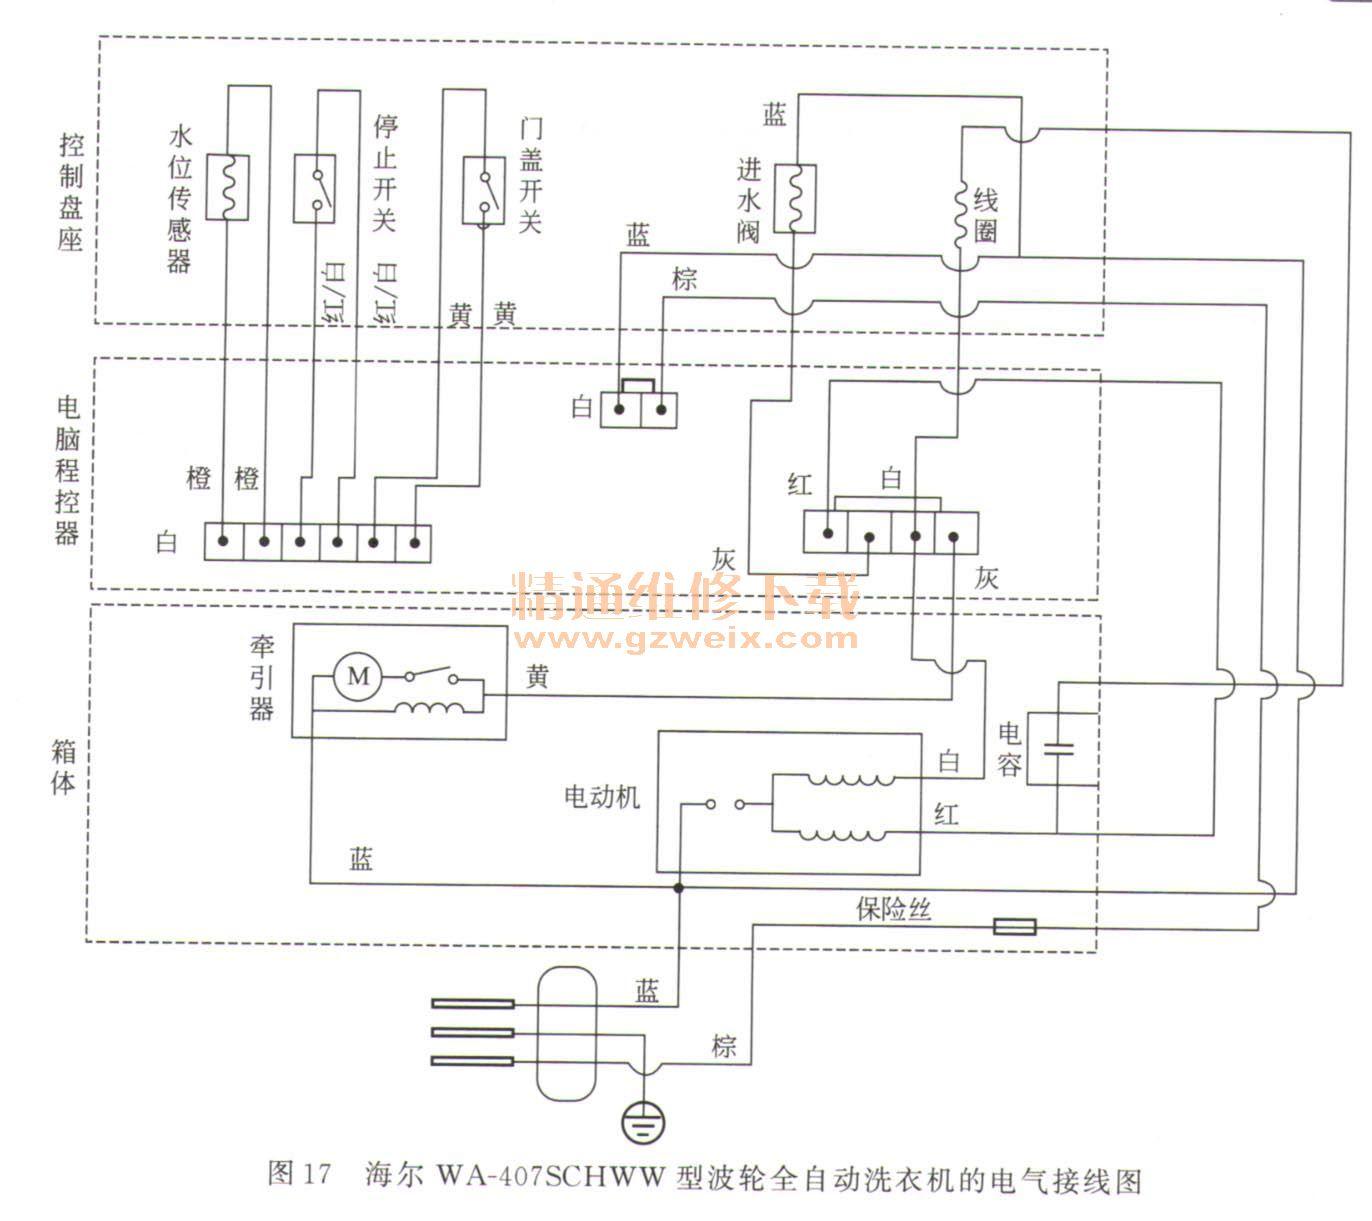 二、波轮全自动洗衣机分析与检修 (一)波轮全自动洗衣机的构成 典型的波轮全自动洗衣机由盛水筒、洗衣筒(脱水筒)、波轮、吊杆、水位开关、注水(进水)电磁阀、排水电磁阀(排水泵)、电动机、减速离合器、箱体、箱盖及控制系统等组成,如图13所示。  (二)基本工作原理 波轮全自动洗衣机的工作原理包括进水、洗涤、排水、漂洗和甩干(脱水)几部分。而洗涤和漂洗过程还有毛絮过滤功能。 1、洗涤、脱水、进水/排水原理 用户对水位高低、洗涤和漂洗时间等项目进行设置后,水位开关(传感器)检测到筒内无水或水位太低,告知控制系统后